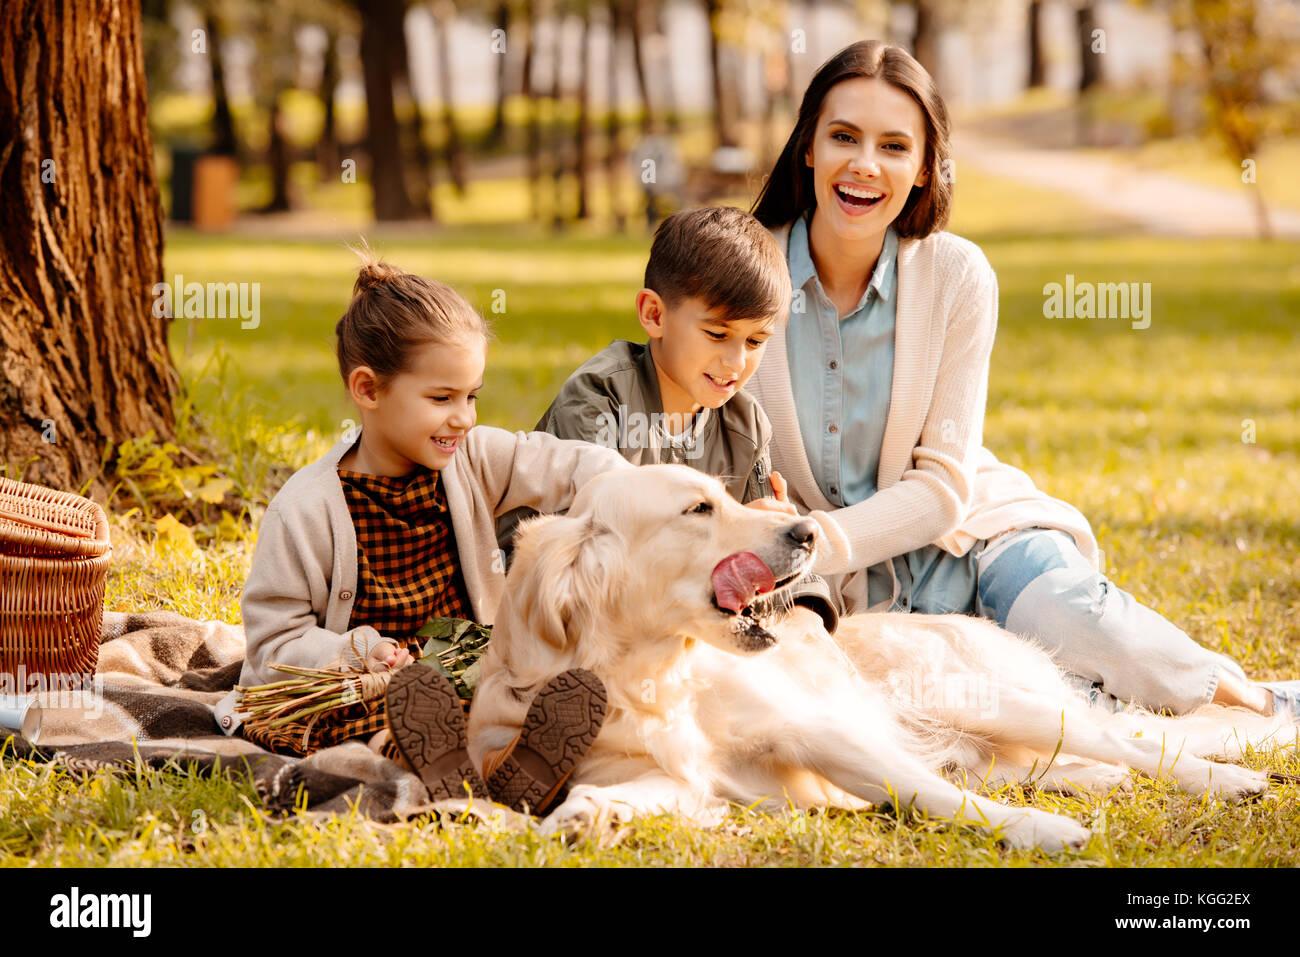 Los niños y la madre de acariciar a perros en el parque Imagen De Stock